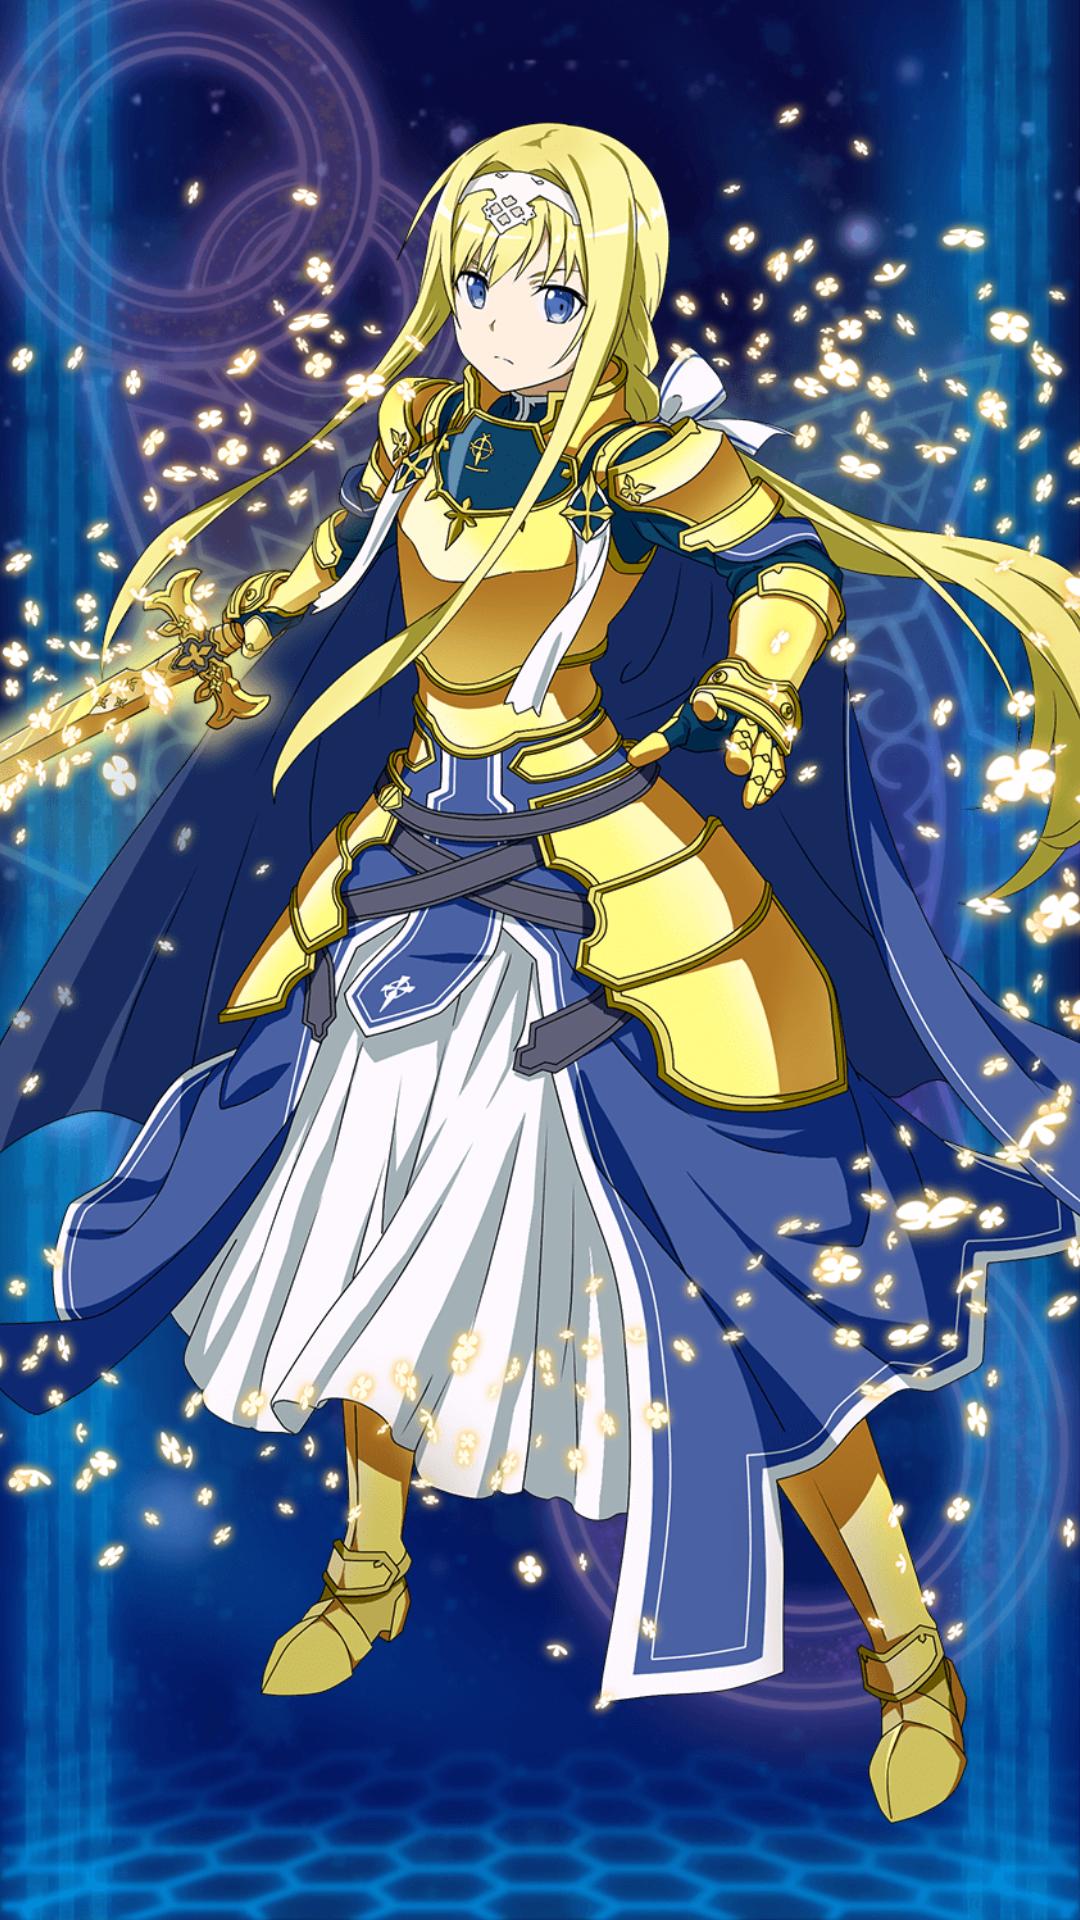 Alice Caballero De La Integridad Personaje Que Pertenece A La Serie De Sao Alicization Sword Art Online Sword Art Art